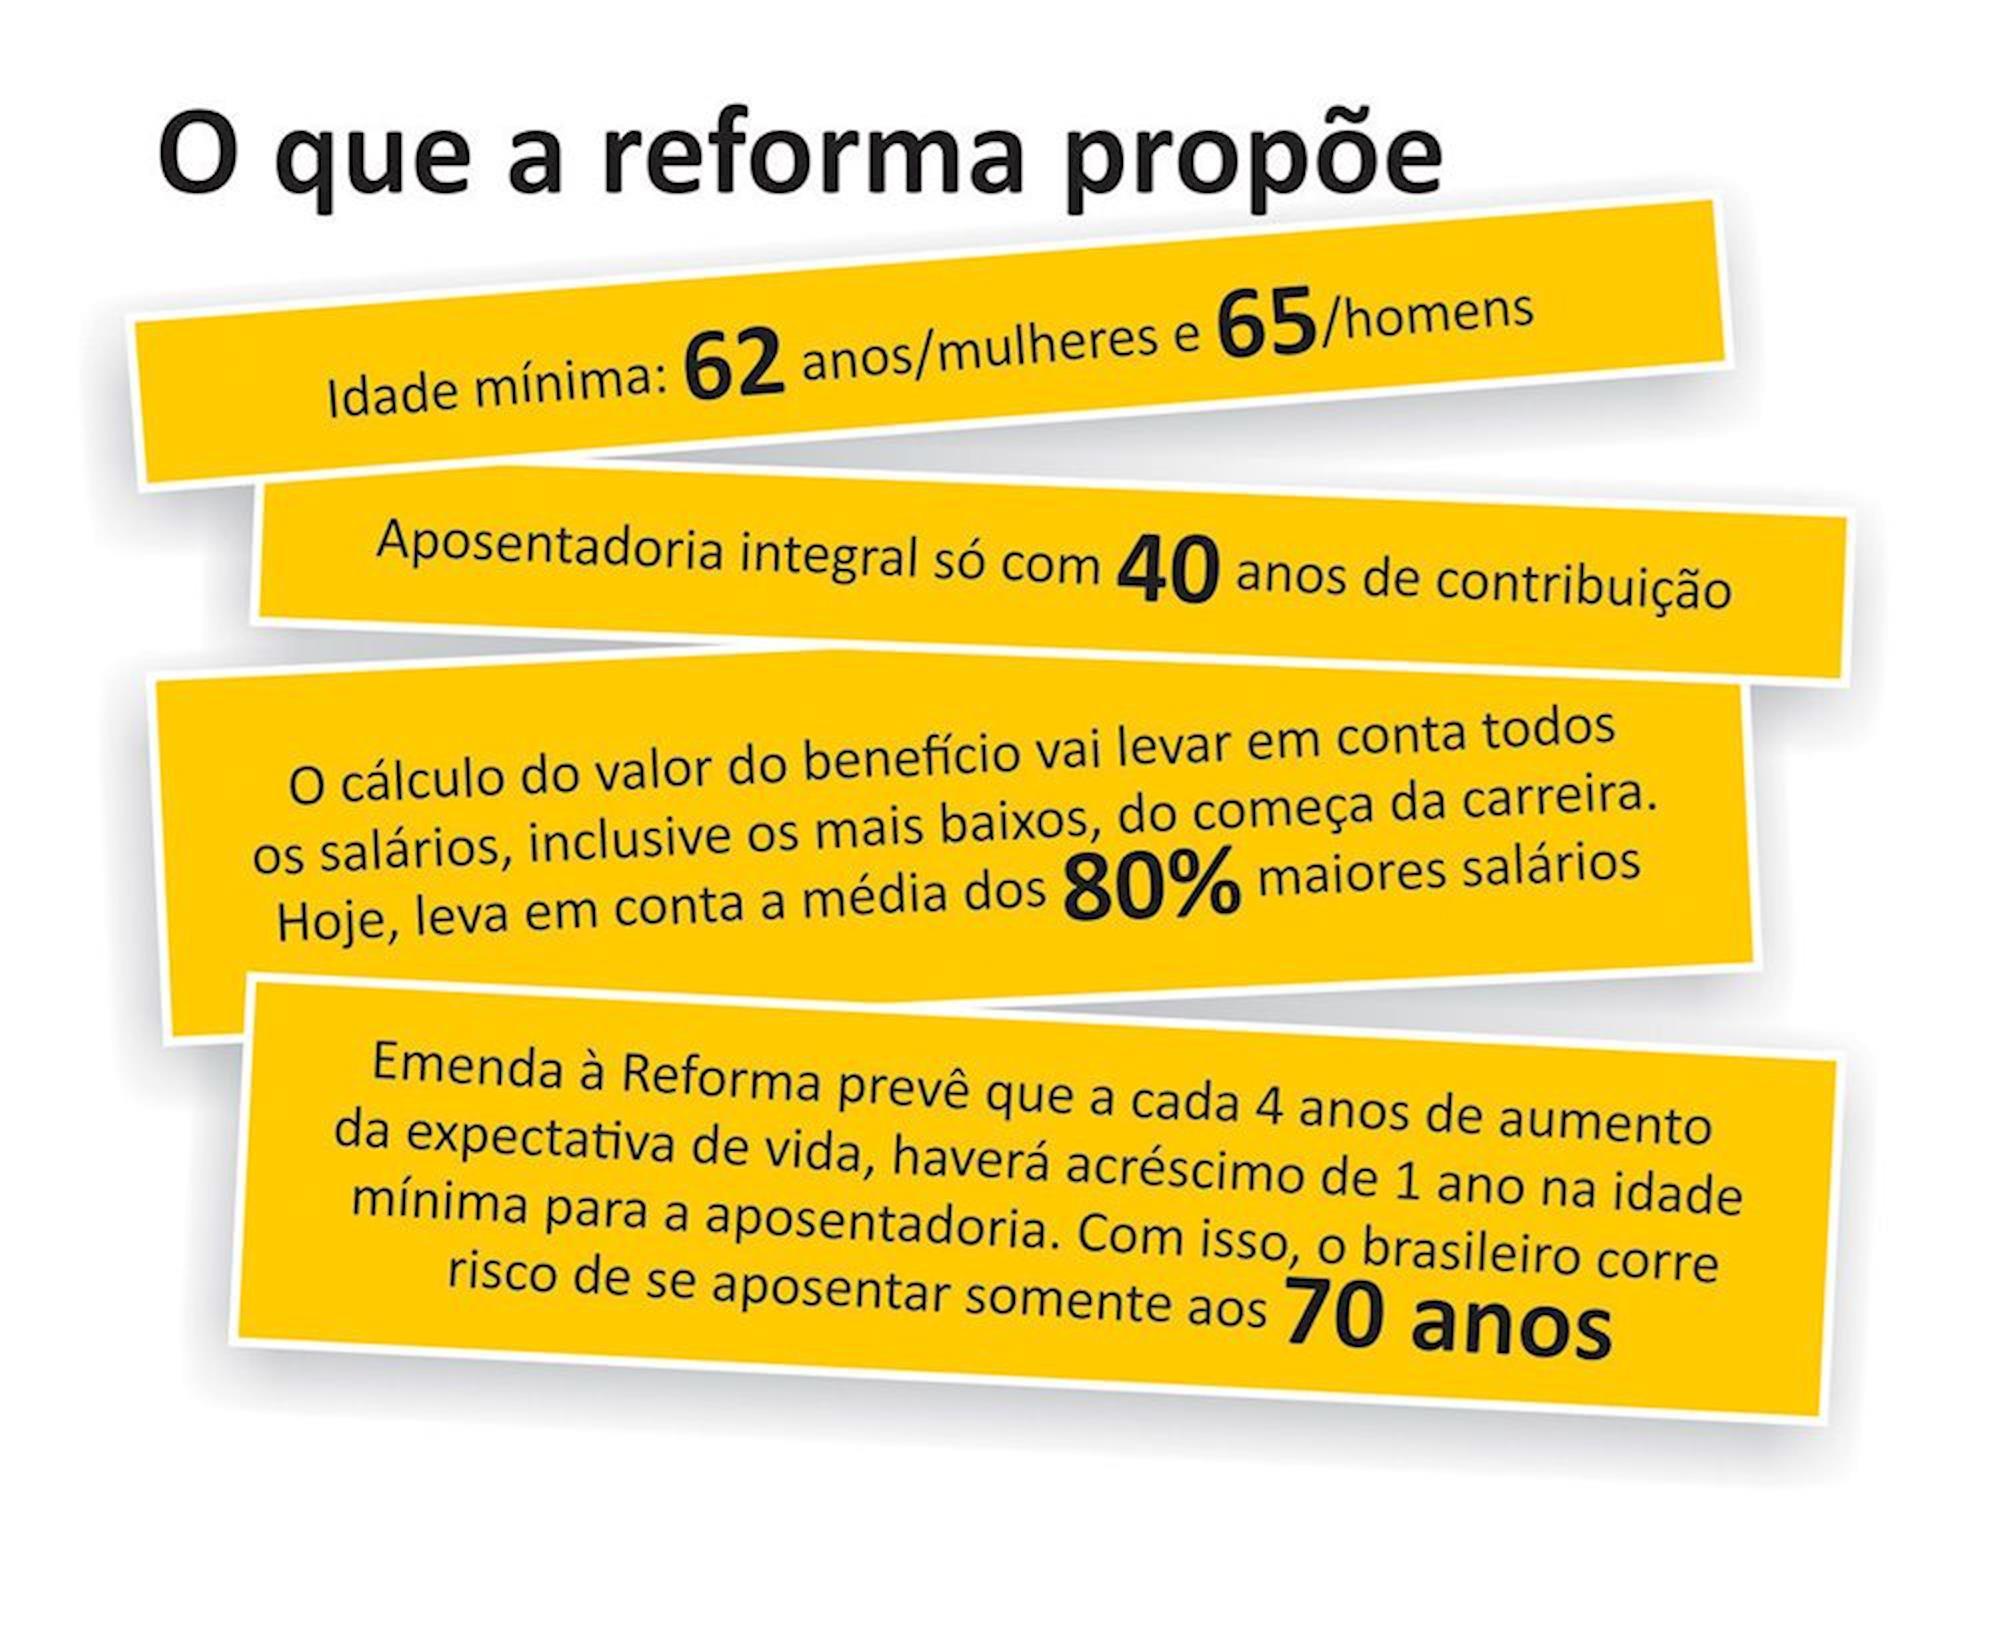 reforma, previdência, Divulgação